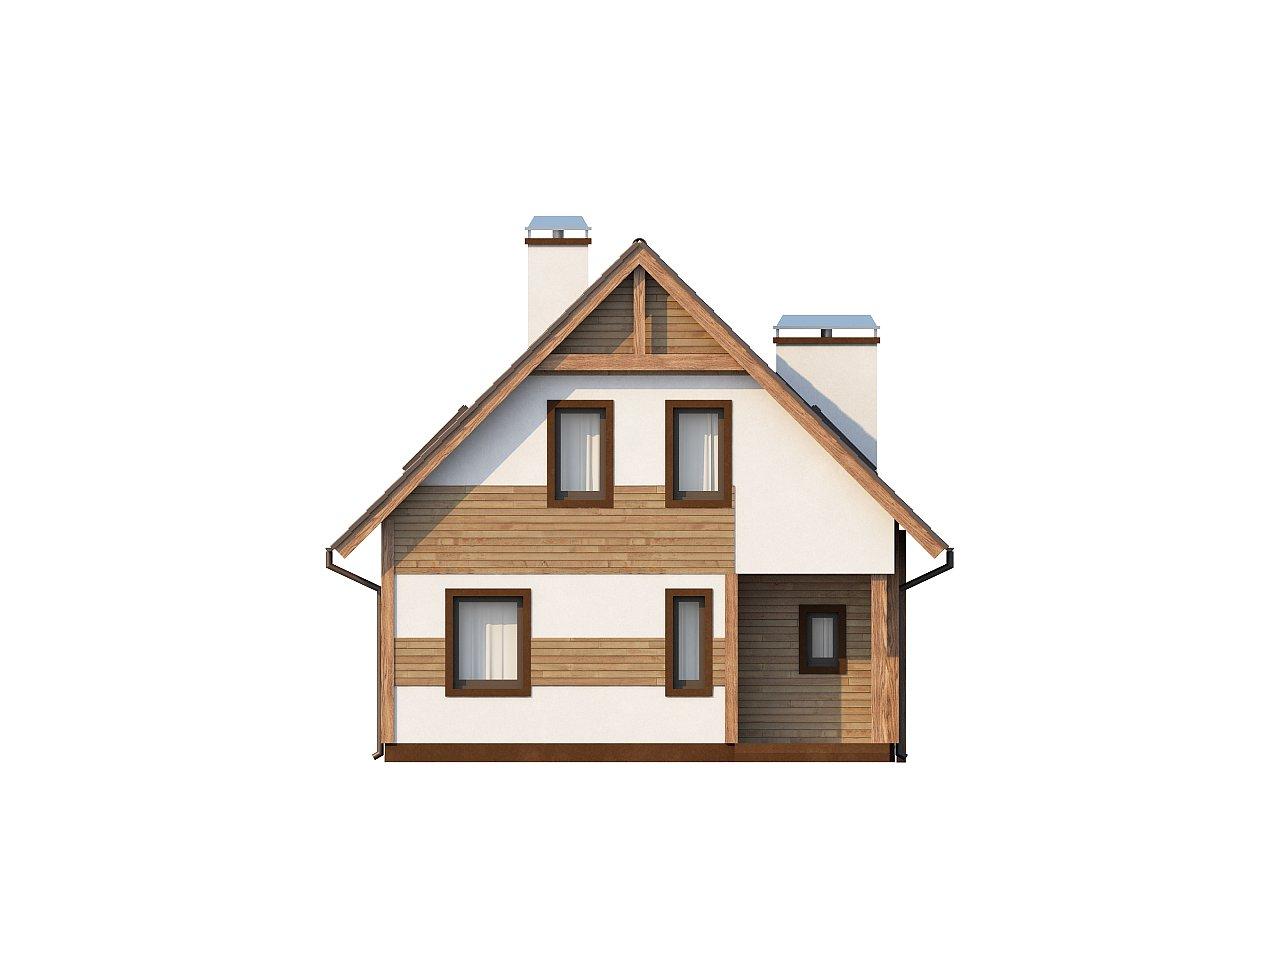 Предложение выгодного и практичного дома, подходящего для удлиненного или, наоборот, неглубокого участка. 3